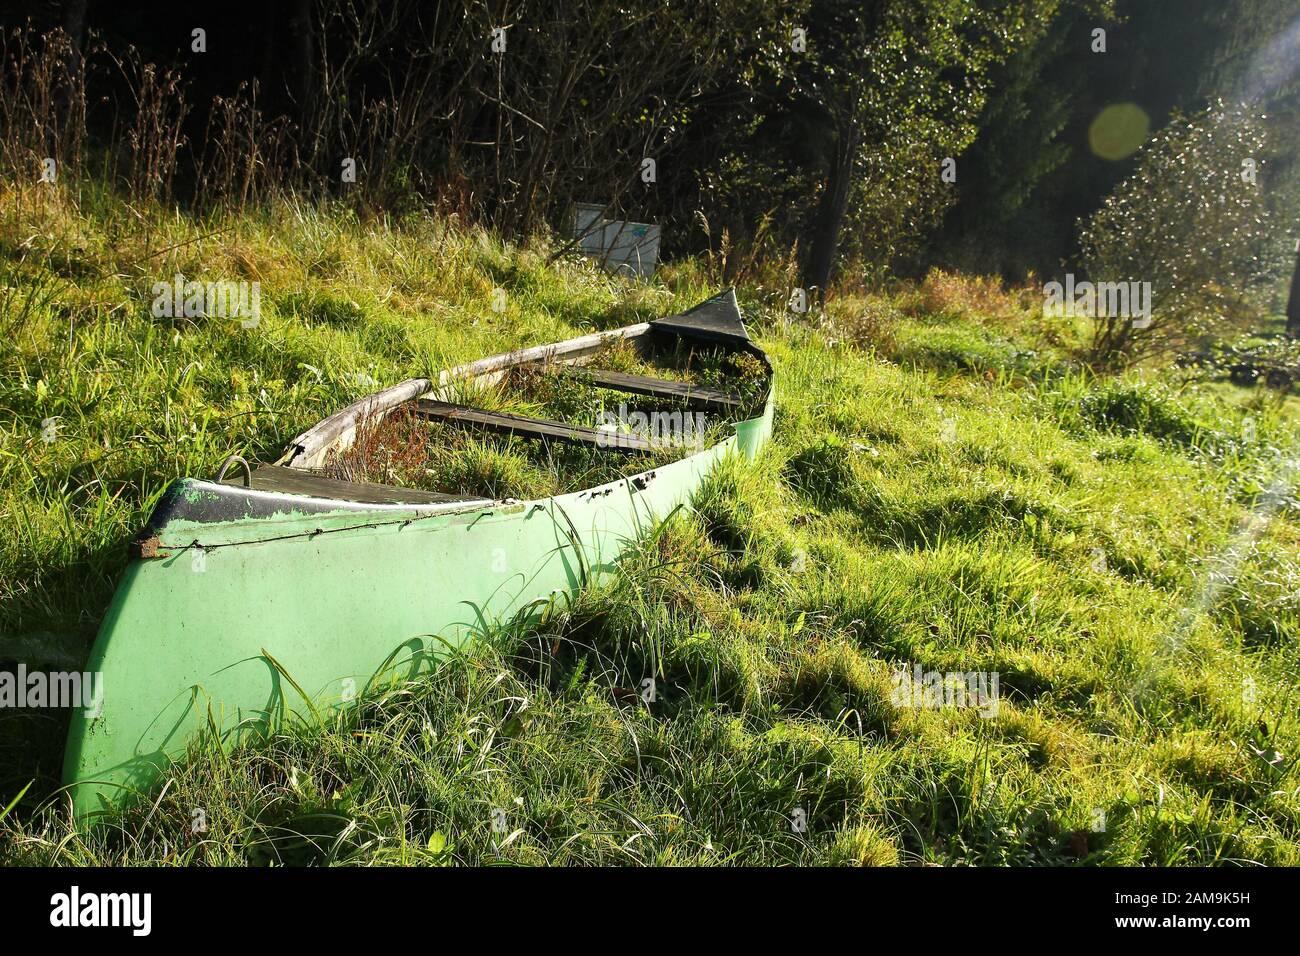 La vecchia canoa è adagiata sul prato vicino al fiume ed è abbandonata, piena di erba e inutile. Foto Stock